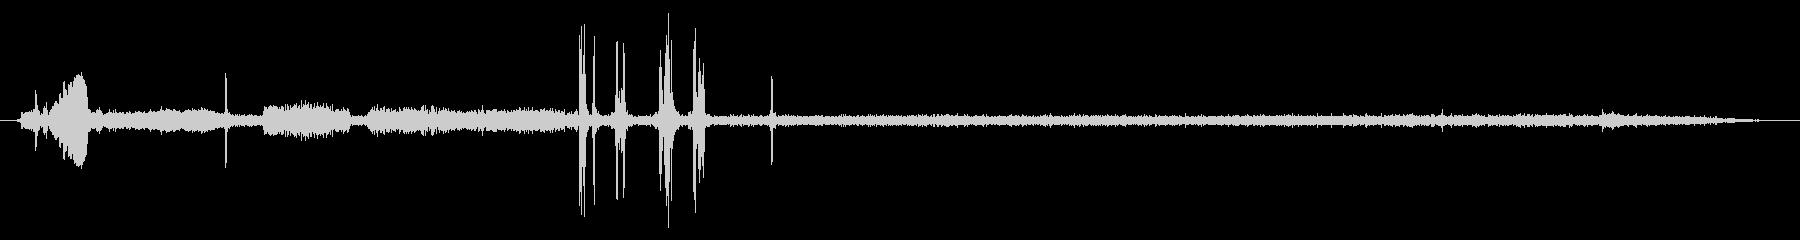 光学ドライブ01-4(動作音)の未再生の波形